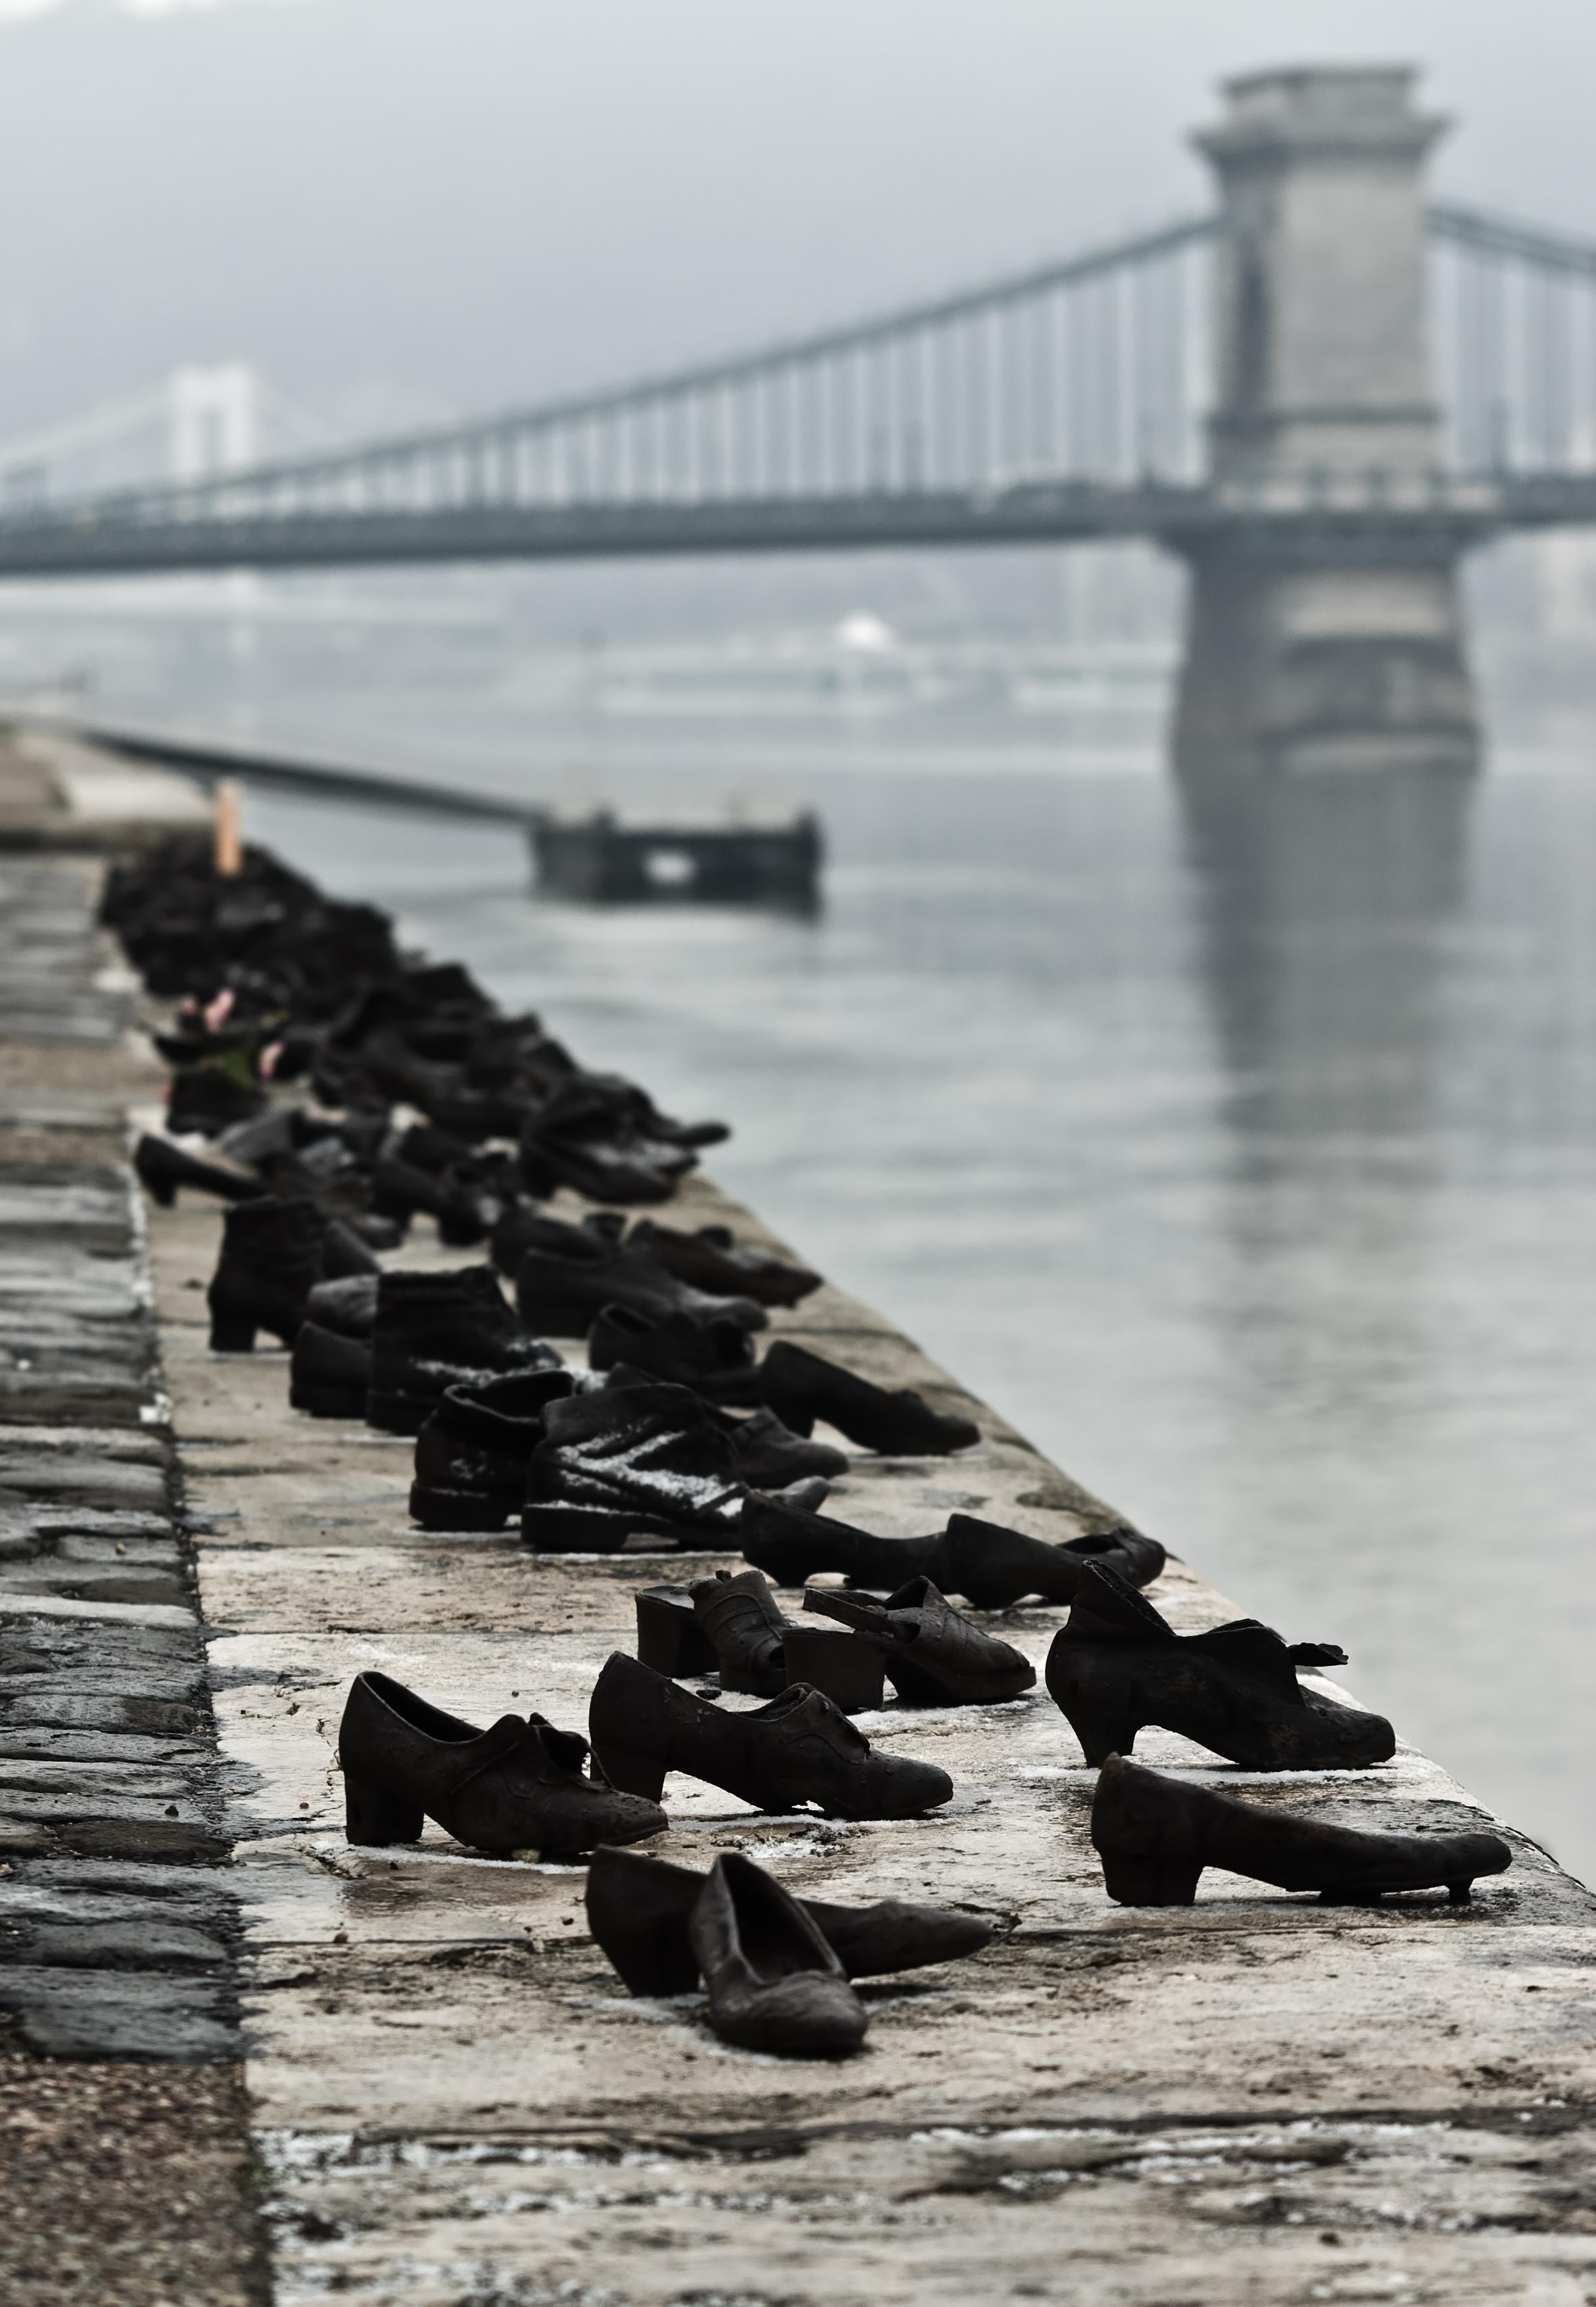 Туфли на набережной Дуная — Википедия